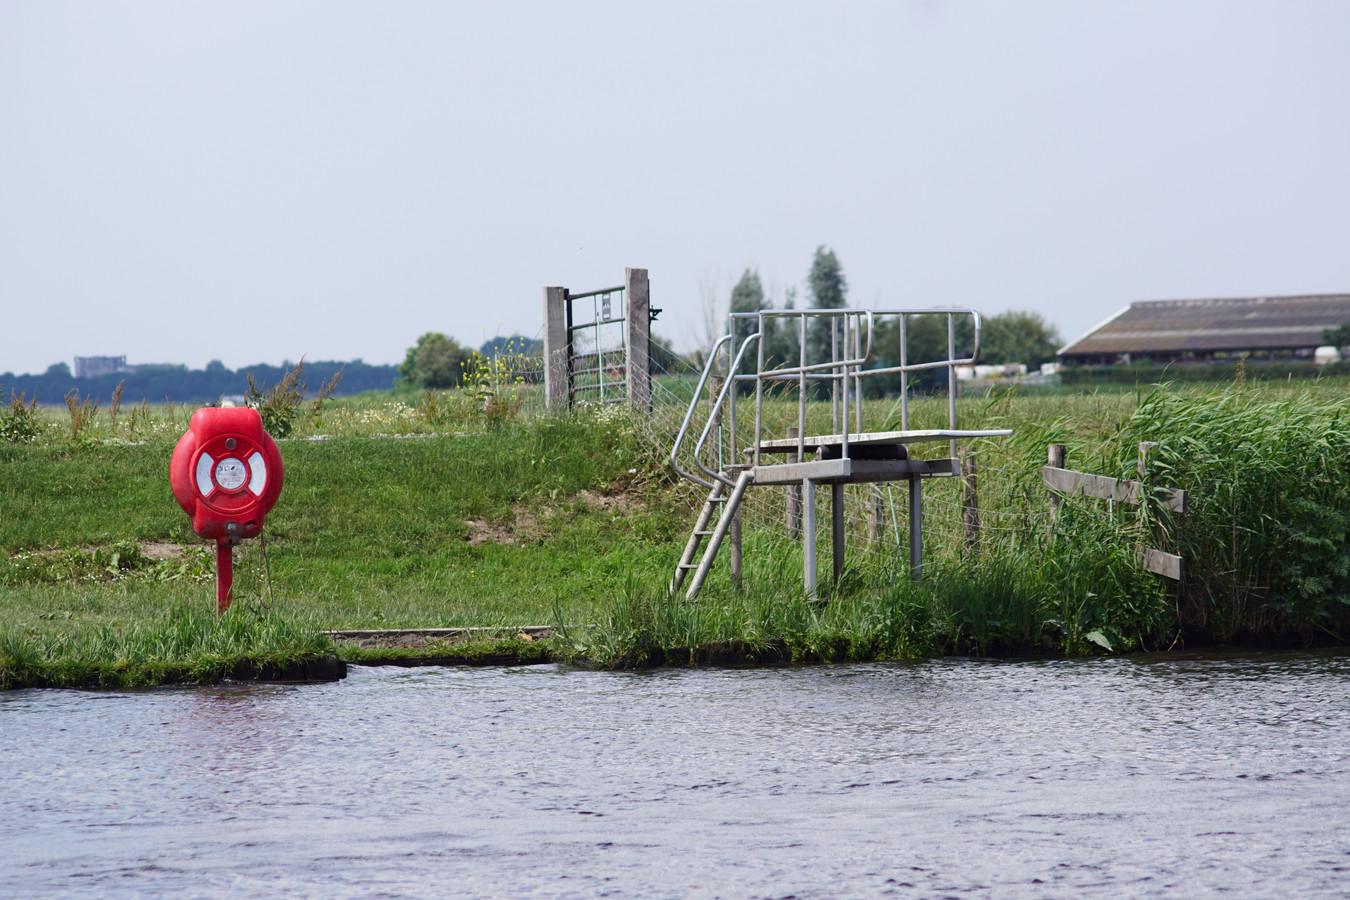 Volgens omwonenden staat de duikplank er sinds ongeveer een maand, maar wie hem daar heeft neergezet is onduidelijk.